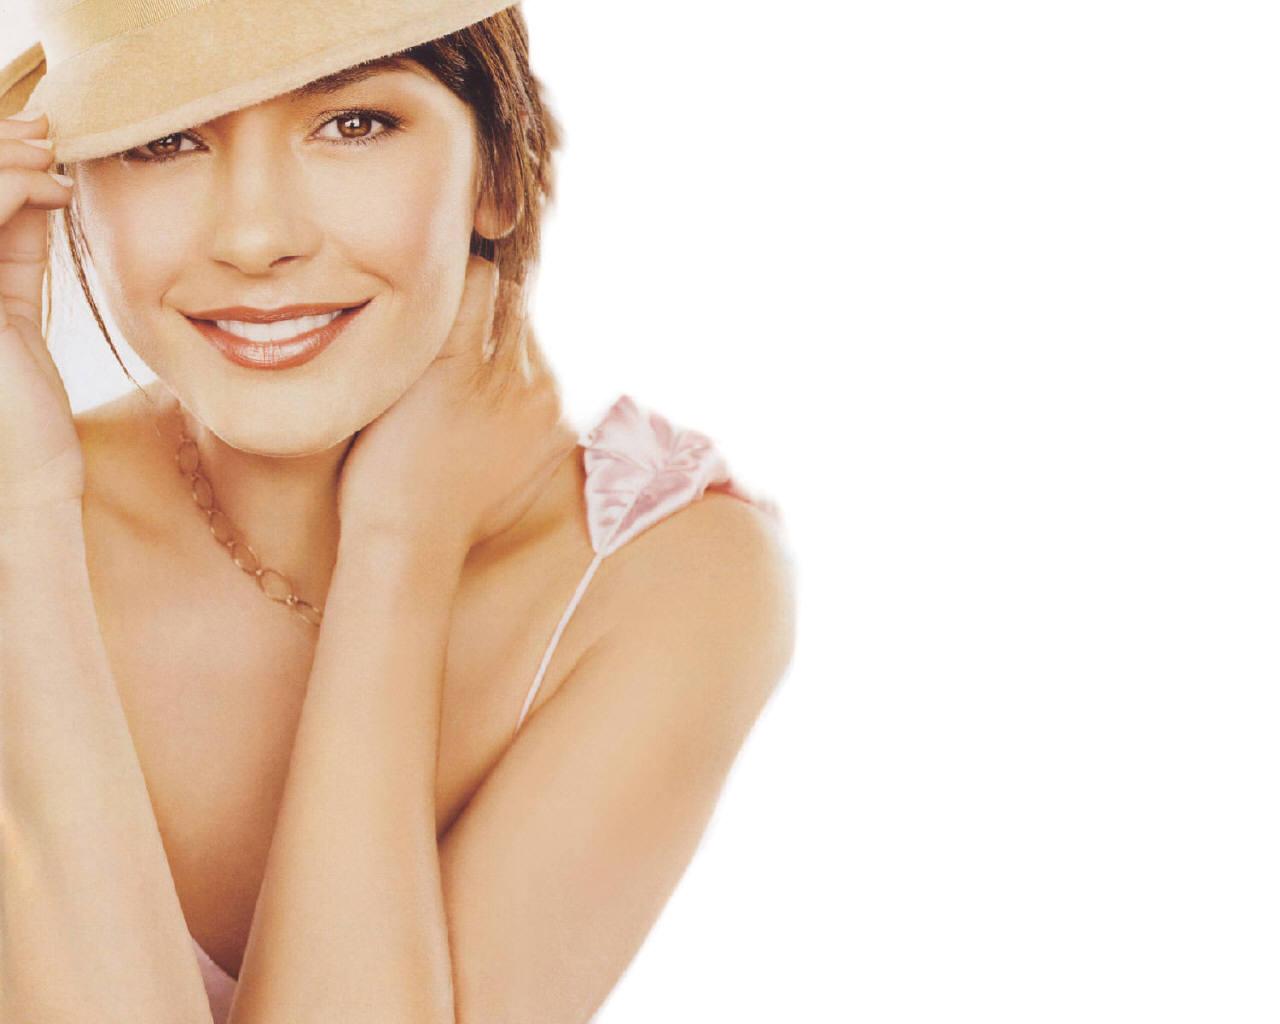 Poze rezolutie mare Catherine Zeta-Jones - Actor - Poza 65 din 282 ... Catherine Zeta Jones